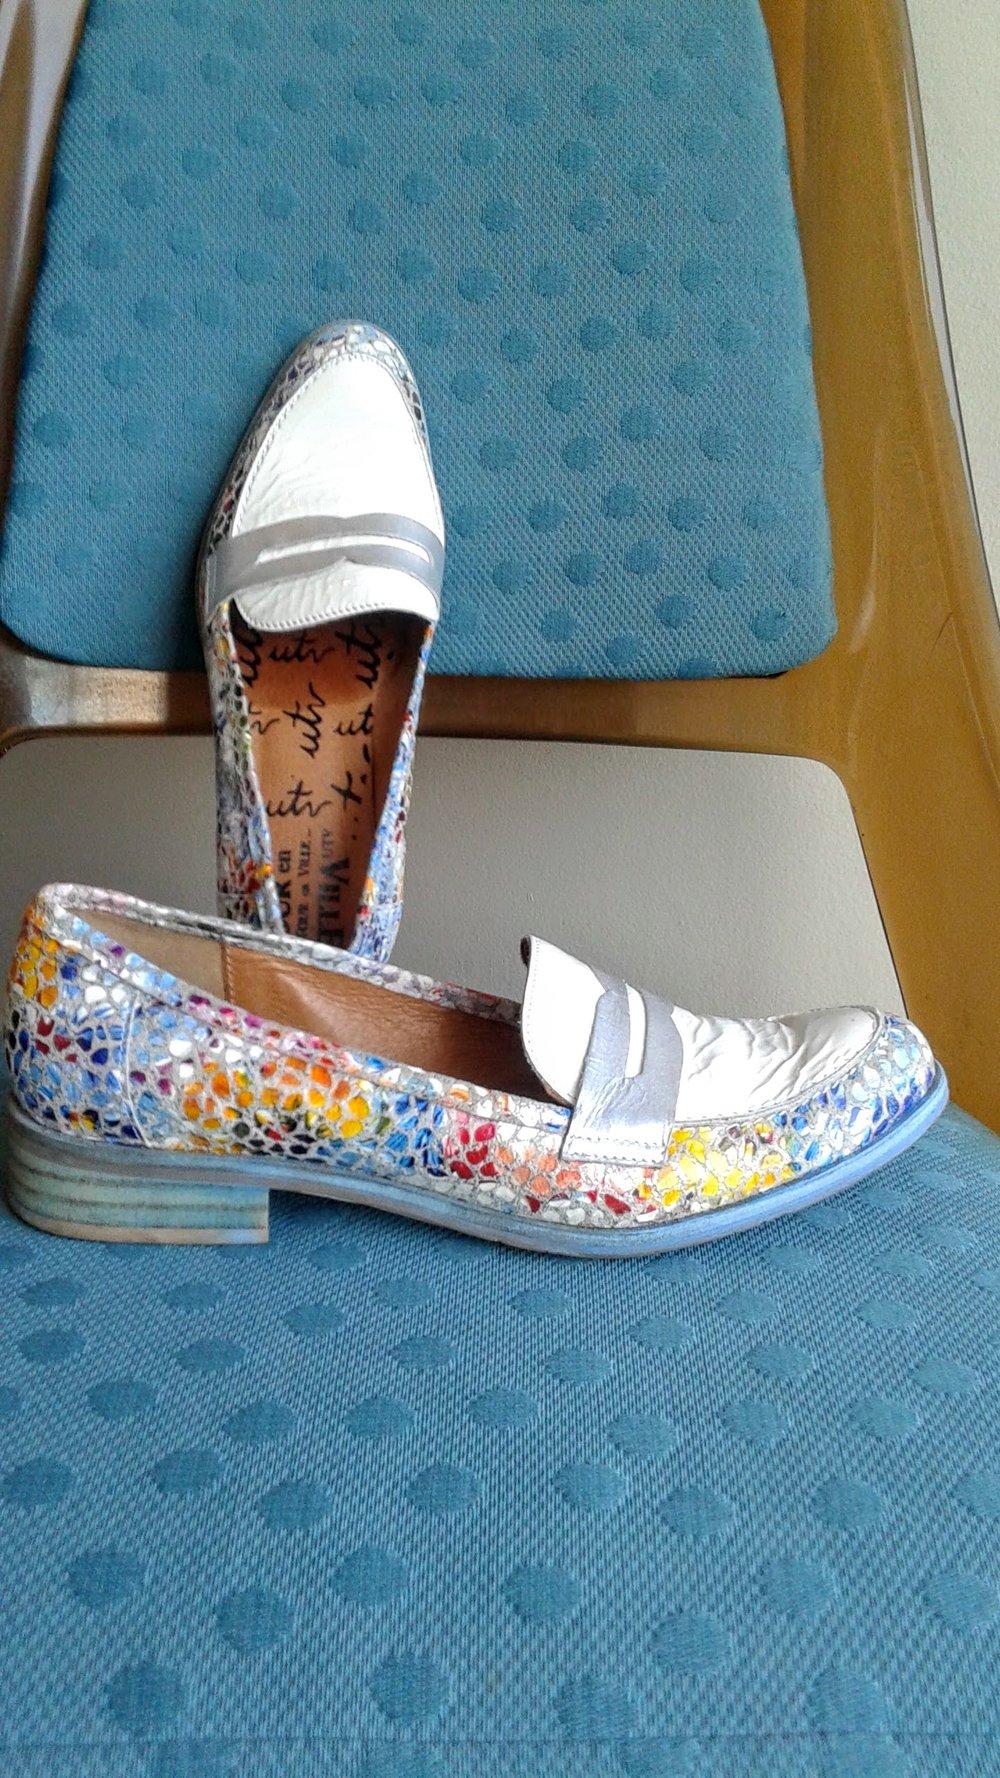 Un Tour en Ville  shoes; S7.5, $52